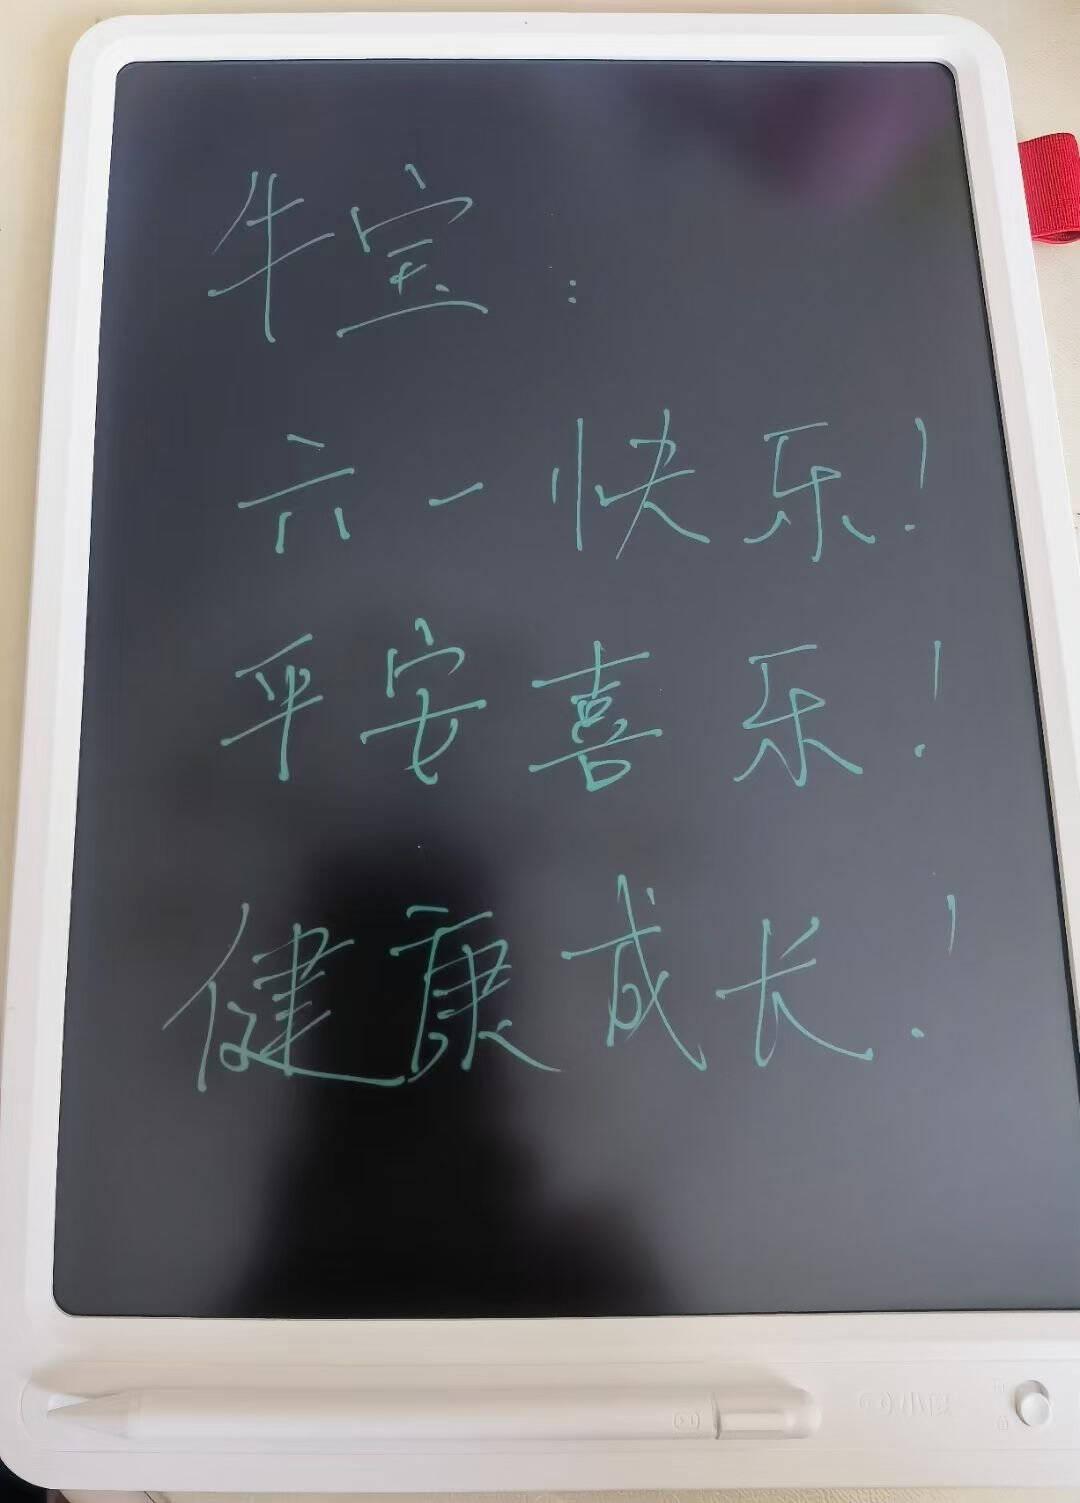 小度液晶小黑板13.5英寸儿童画板写字演算手写绘画涂鸦电子画板